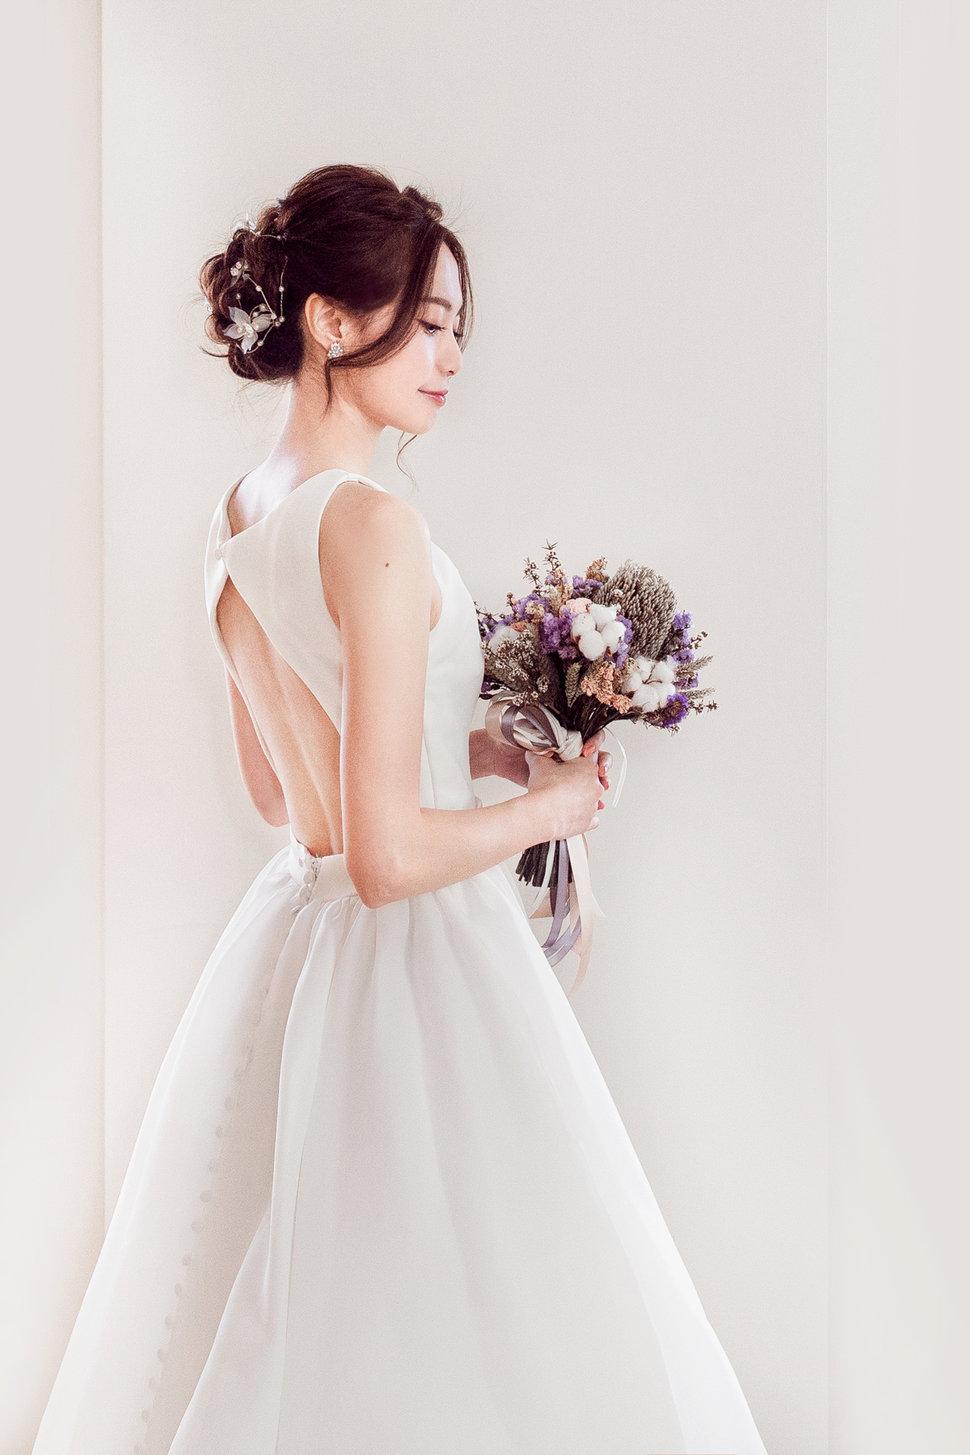 1H6A0424 - Inge Studio英格影像 - 結婚吧